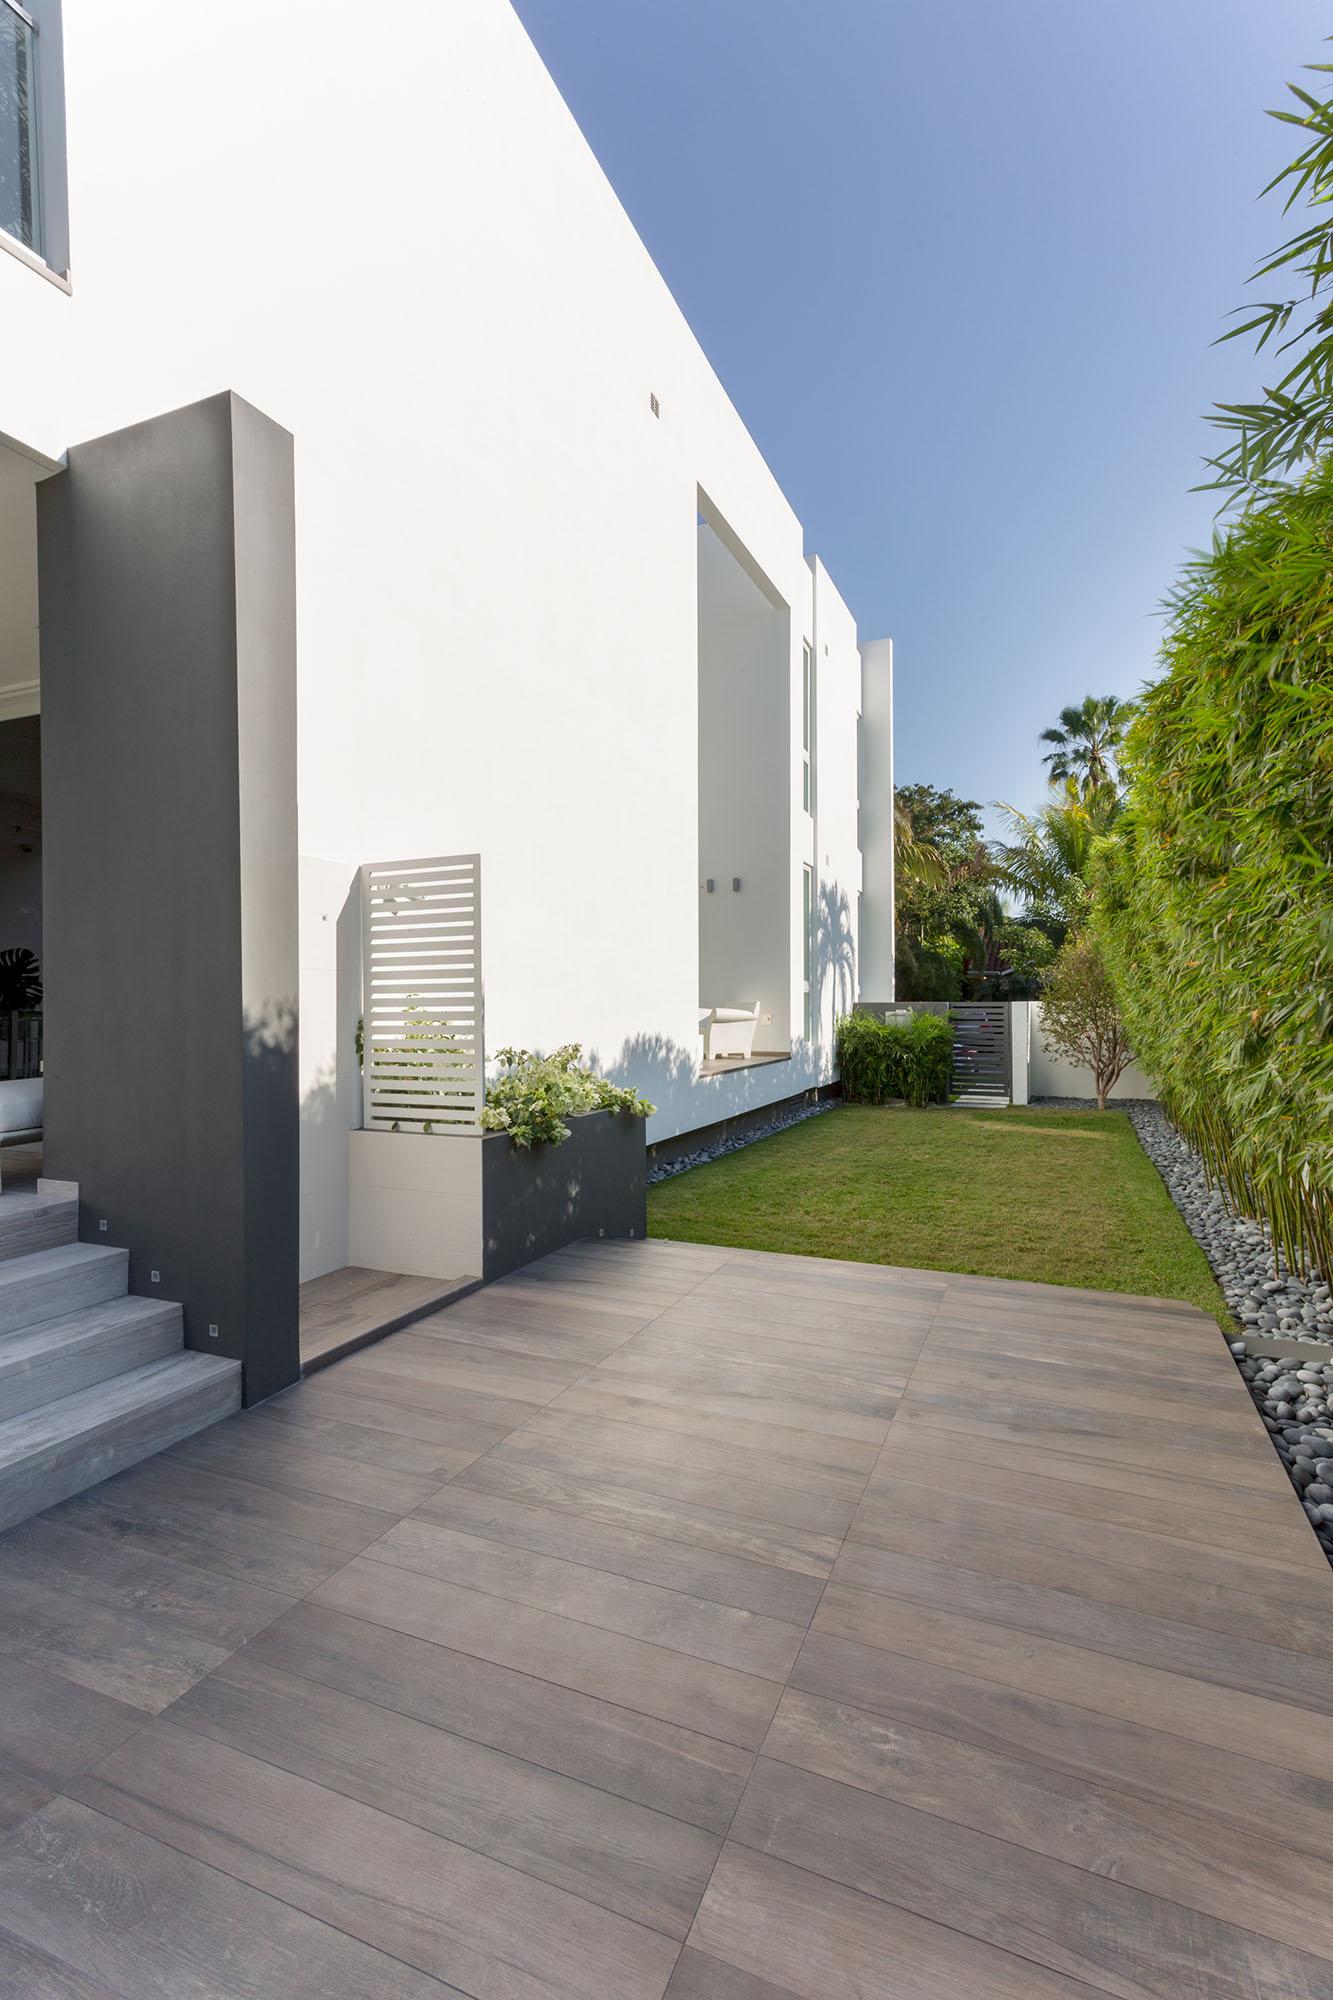 Villa RL - Federico Delrosso - Claudia Uribe